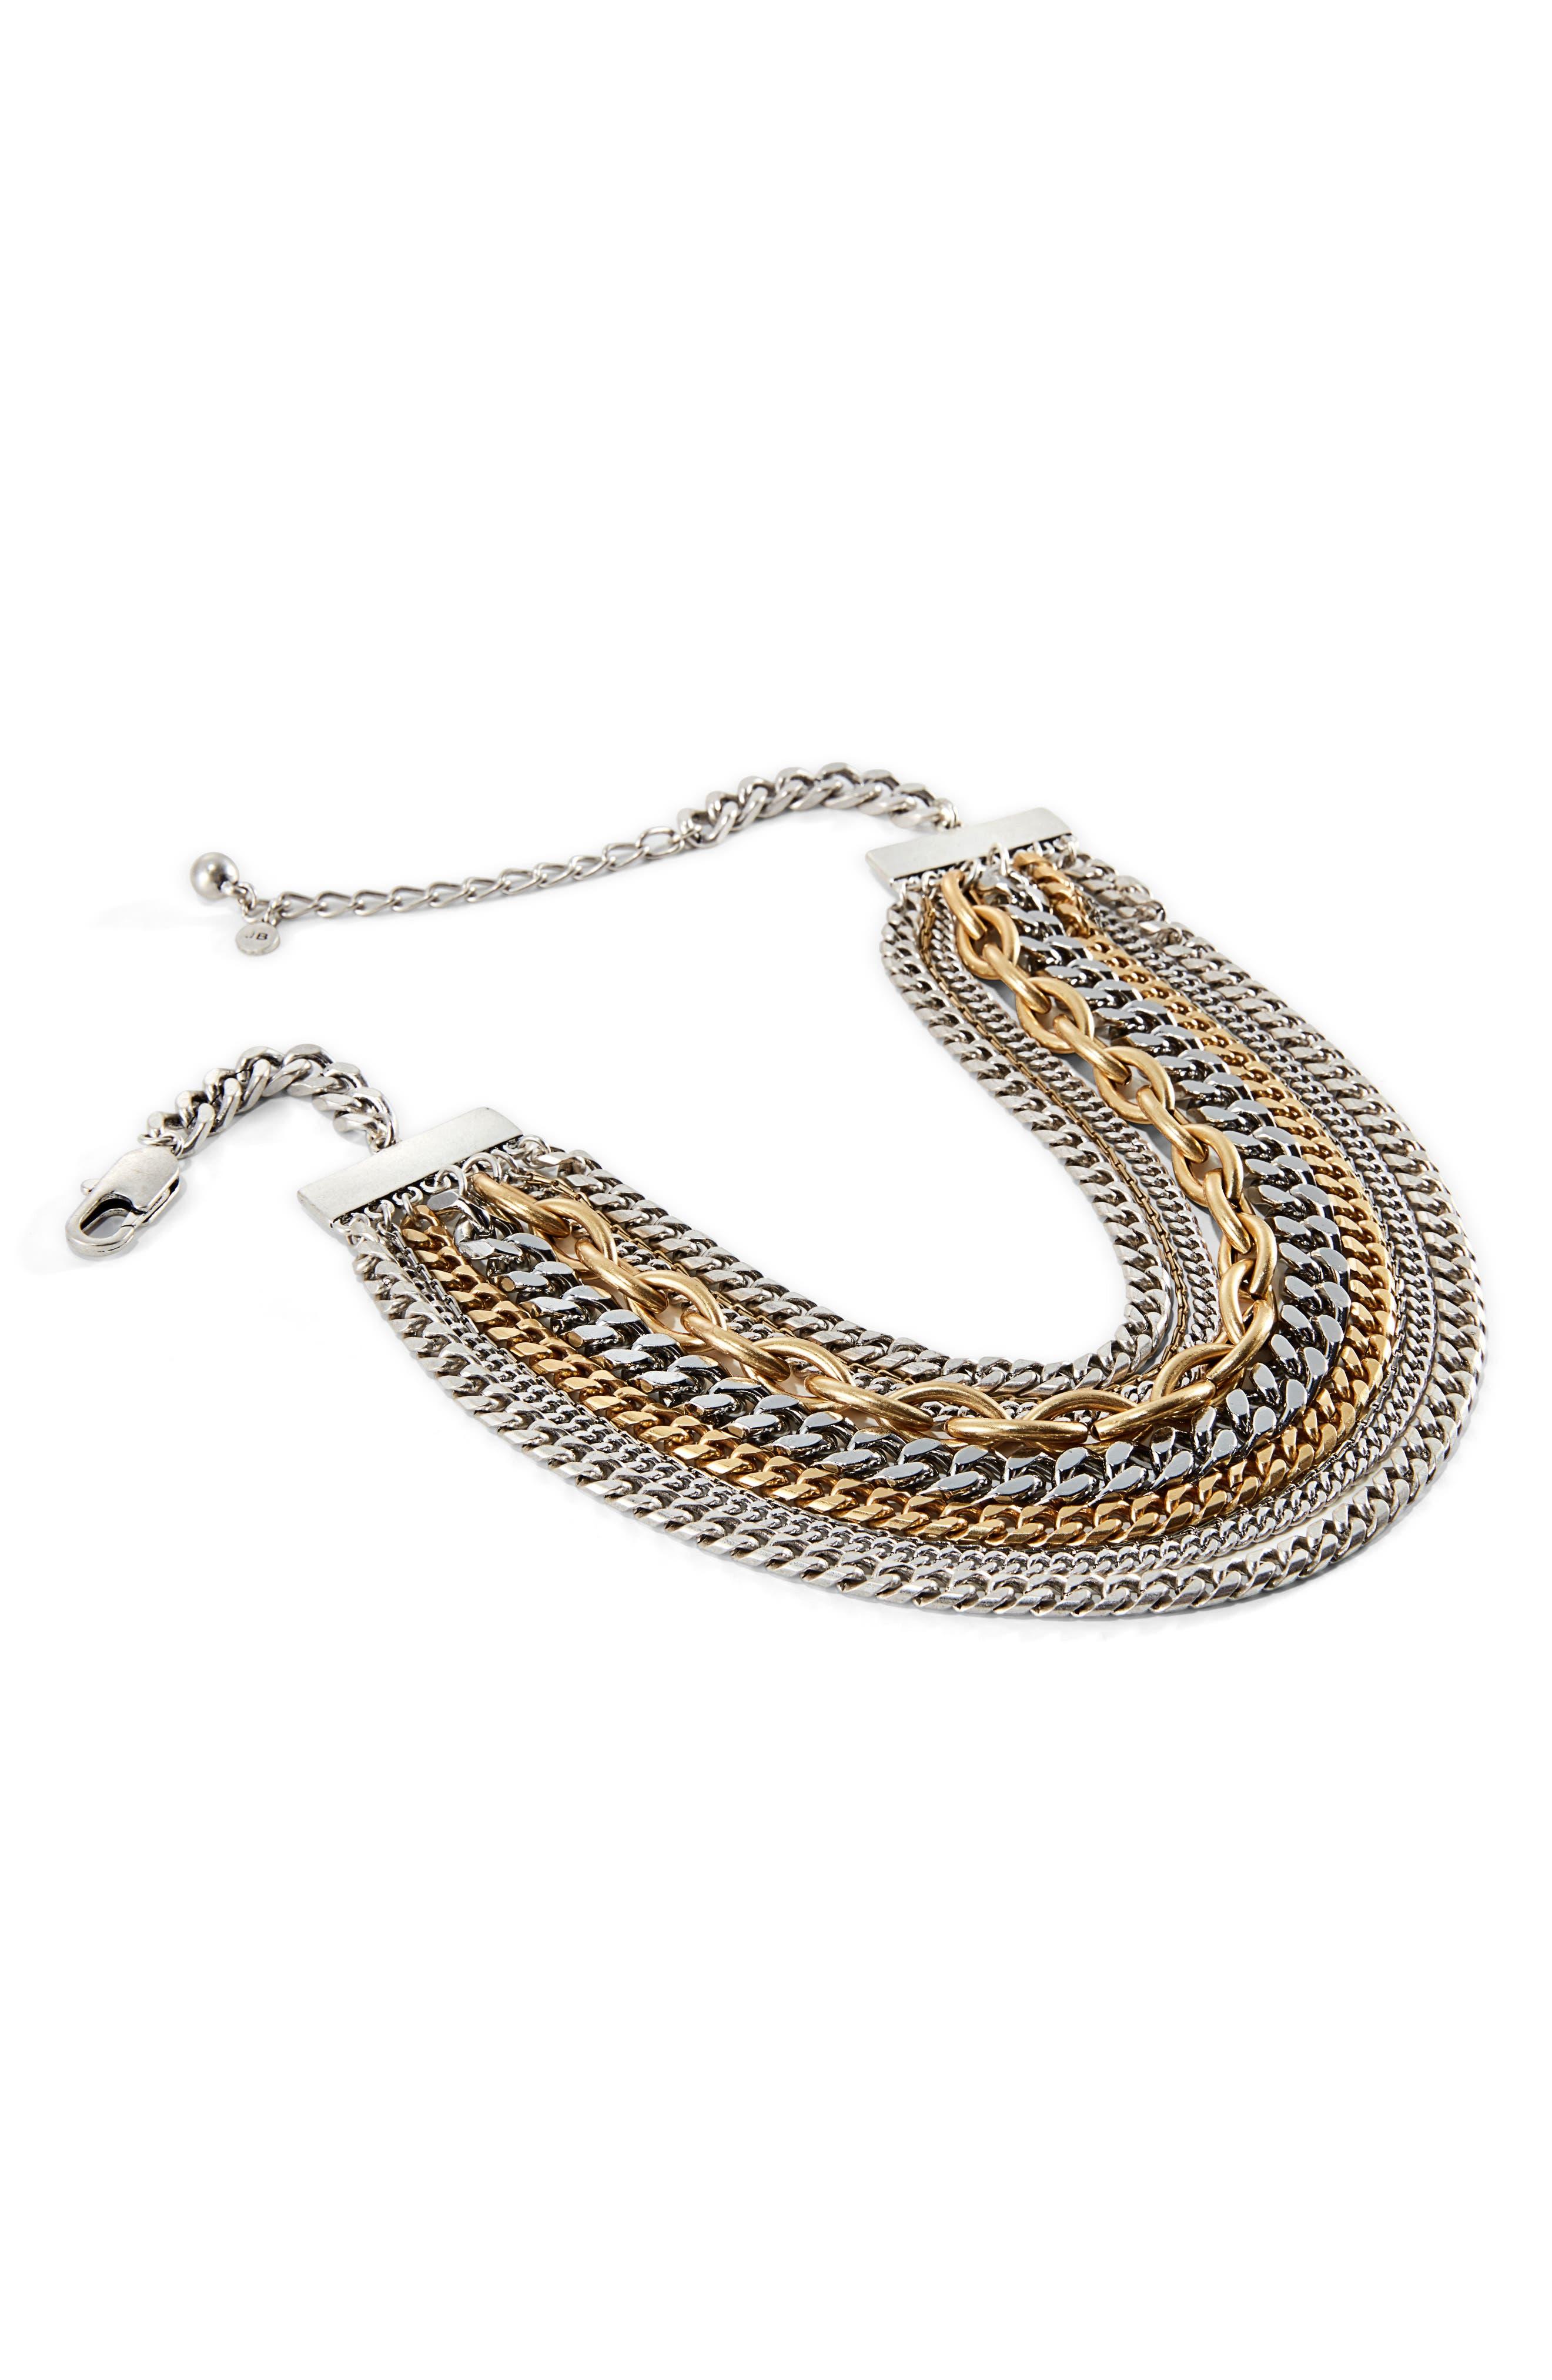 Marra Collar Necklace,                         Main,                         color, 040